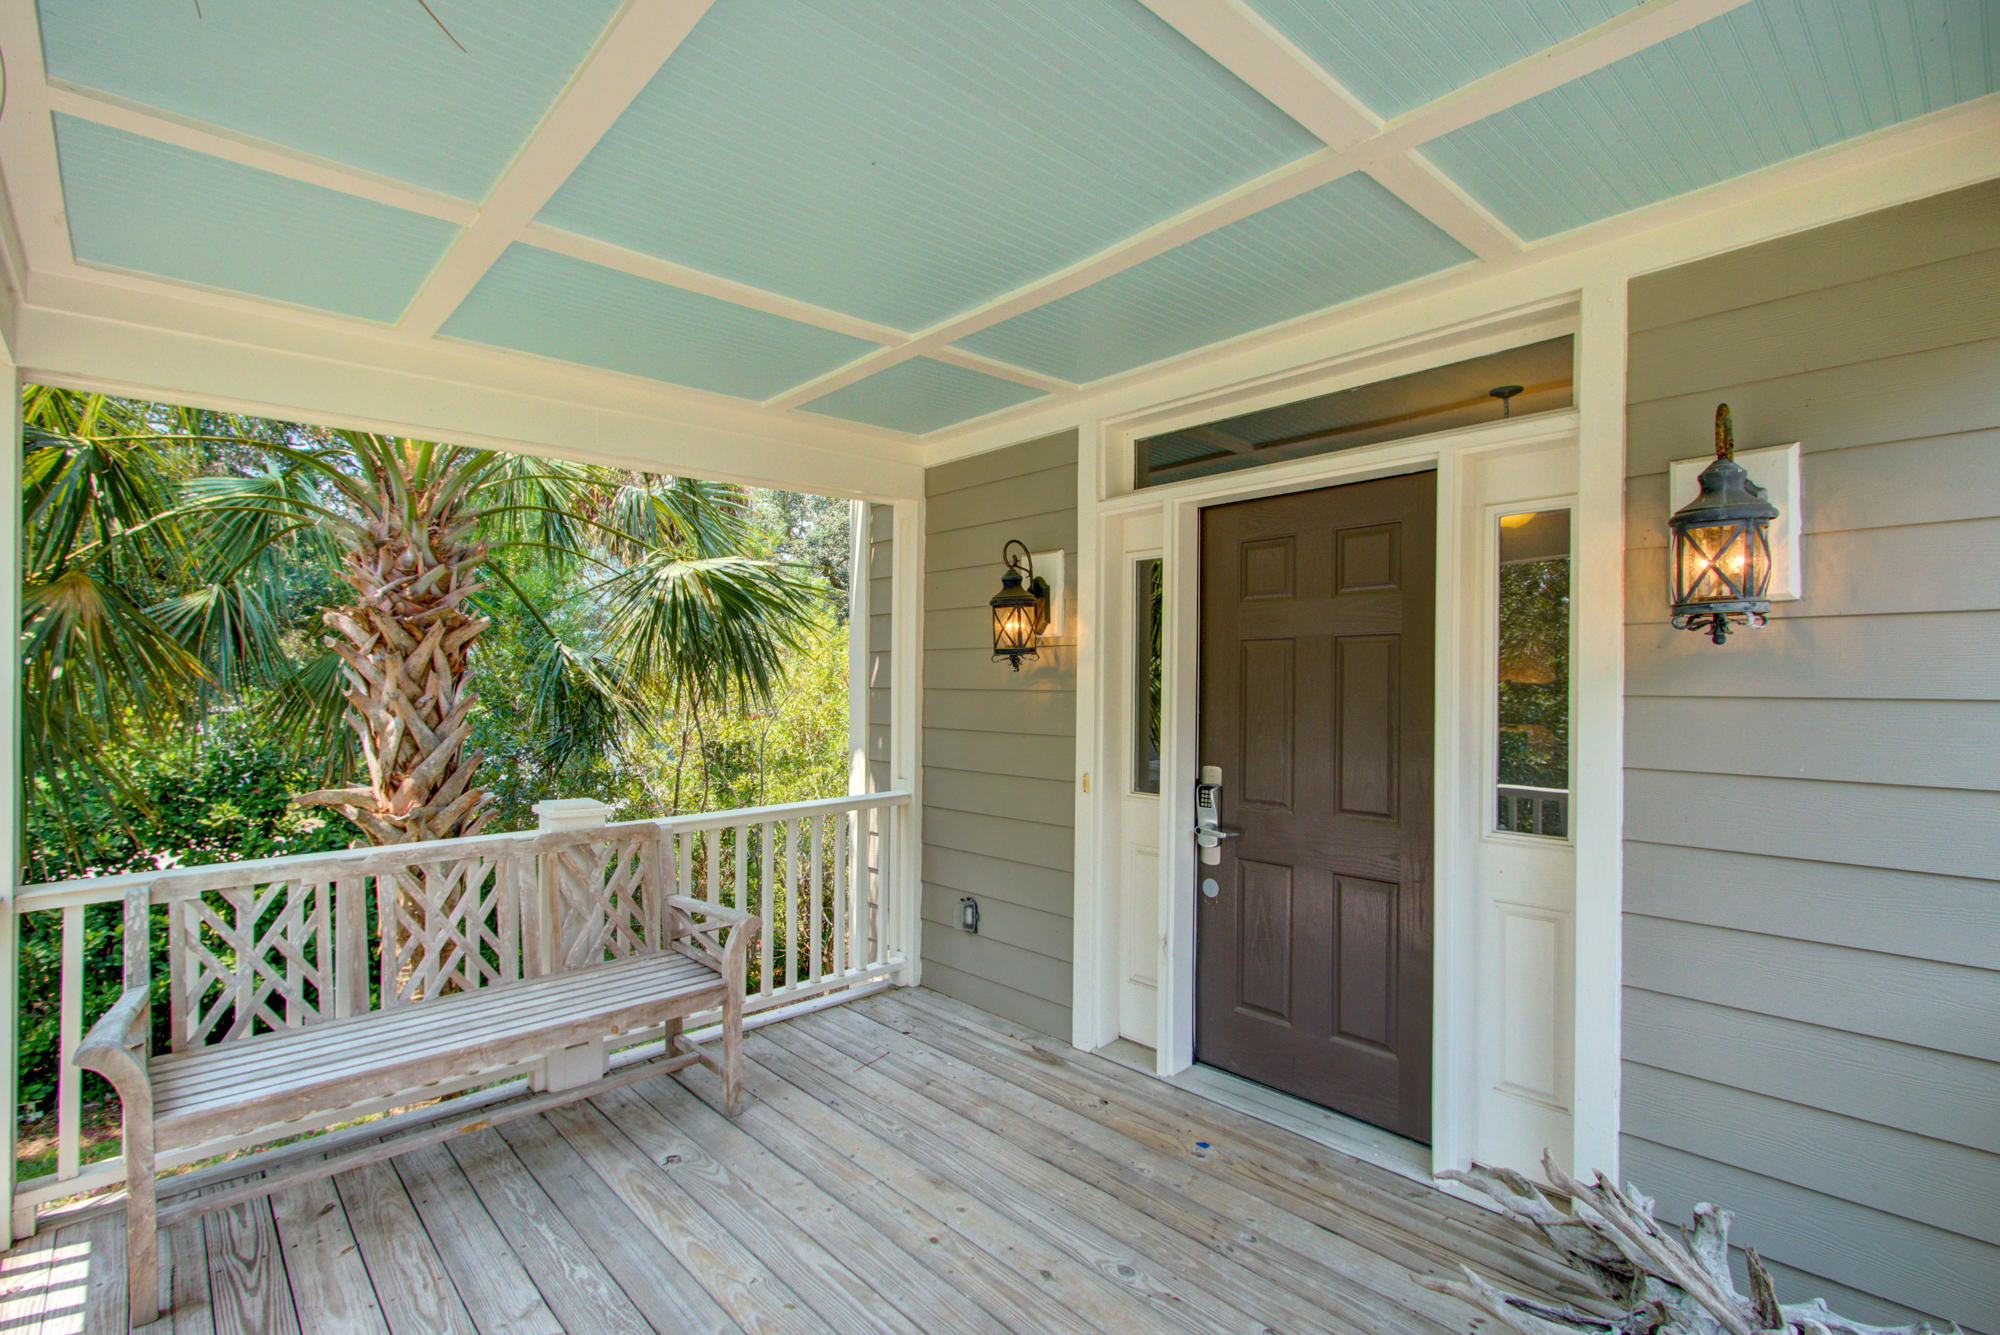 Folly Beach Homes For Sale - 616 Erie, Folly Beach, SC - 15